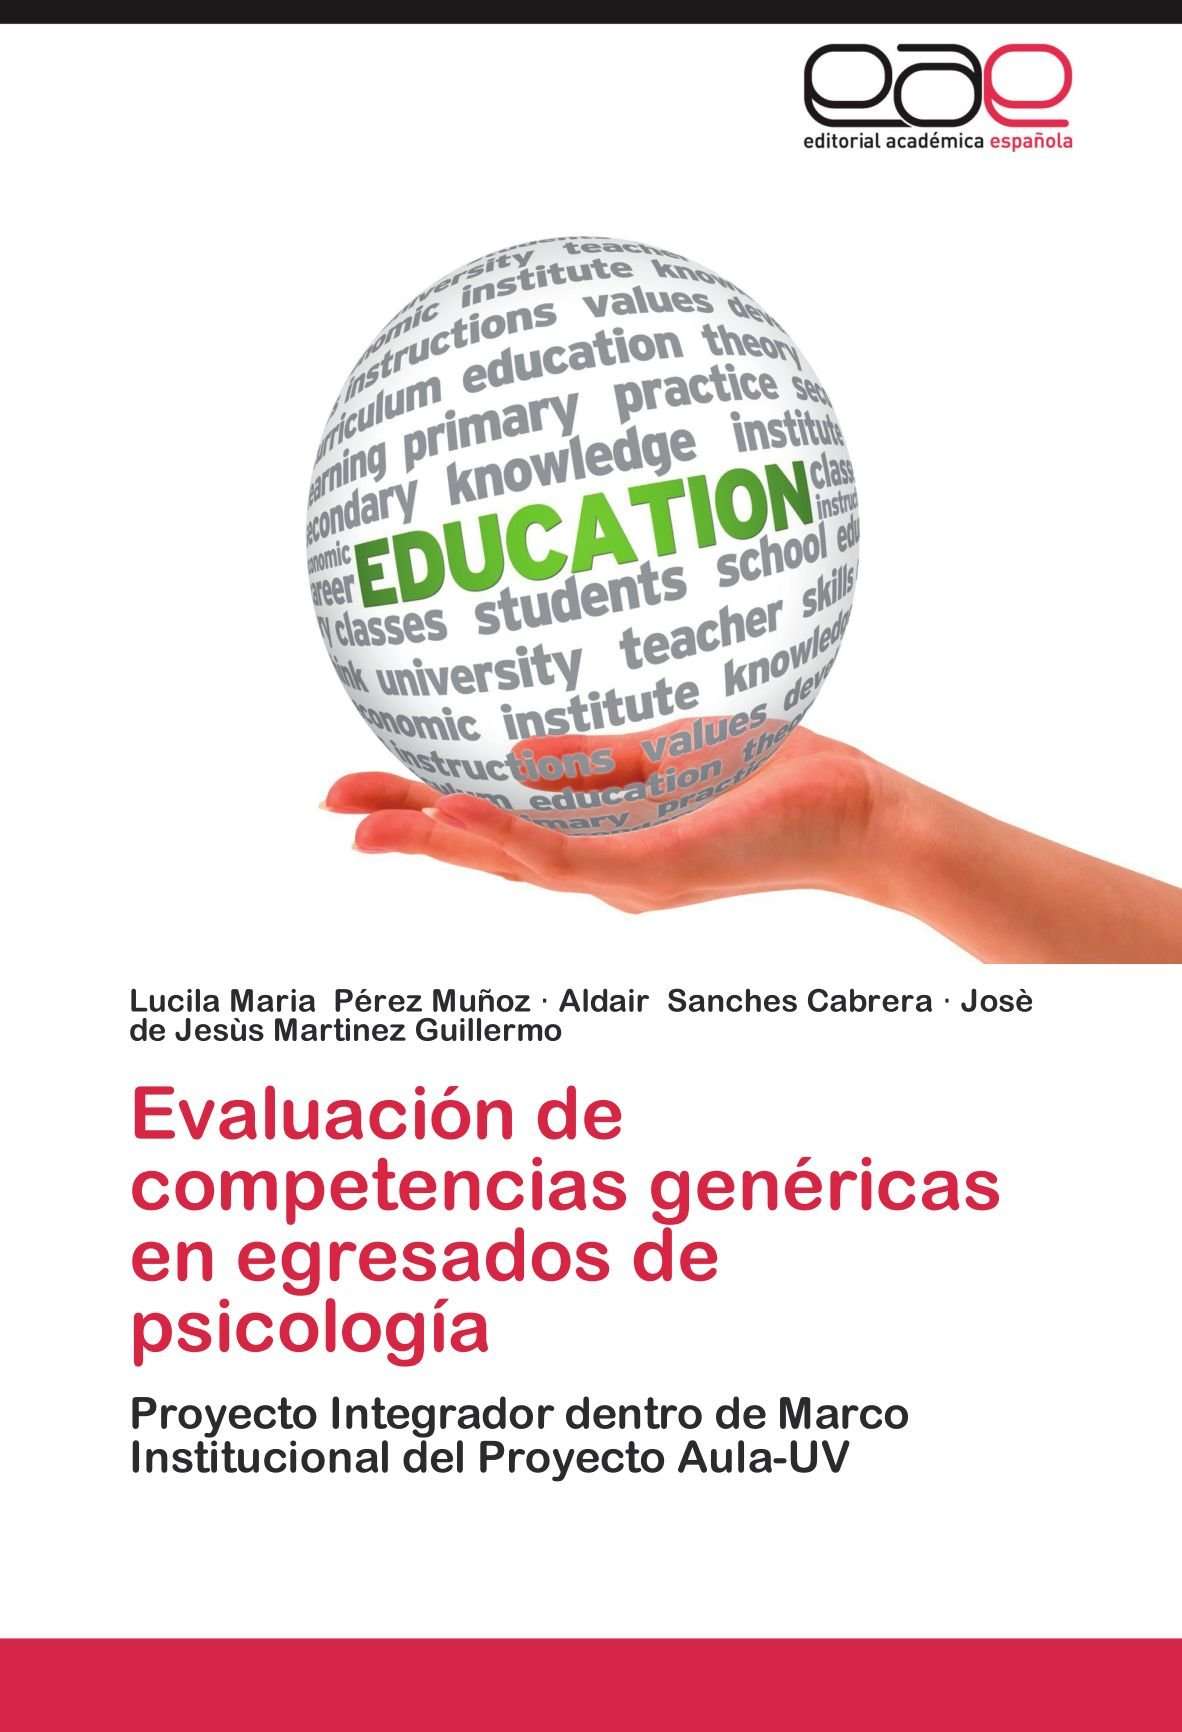 Evaluación de competencias genéricas en egresados de psicología: Proyecto Integrador dentro de Marco Institucional del Proyecto Aula-UV (Spanish Edition): ...